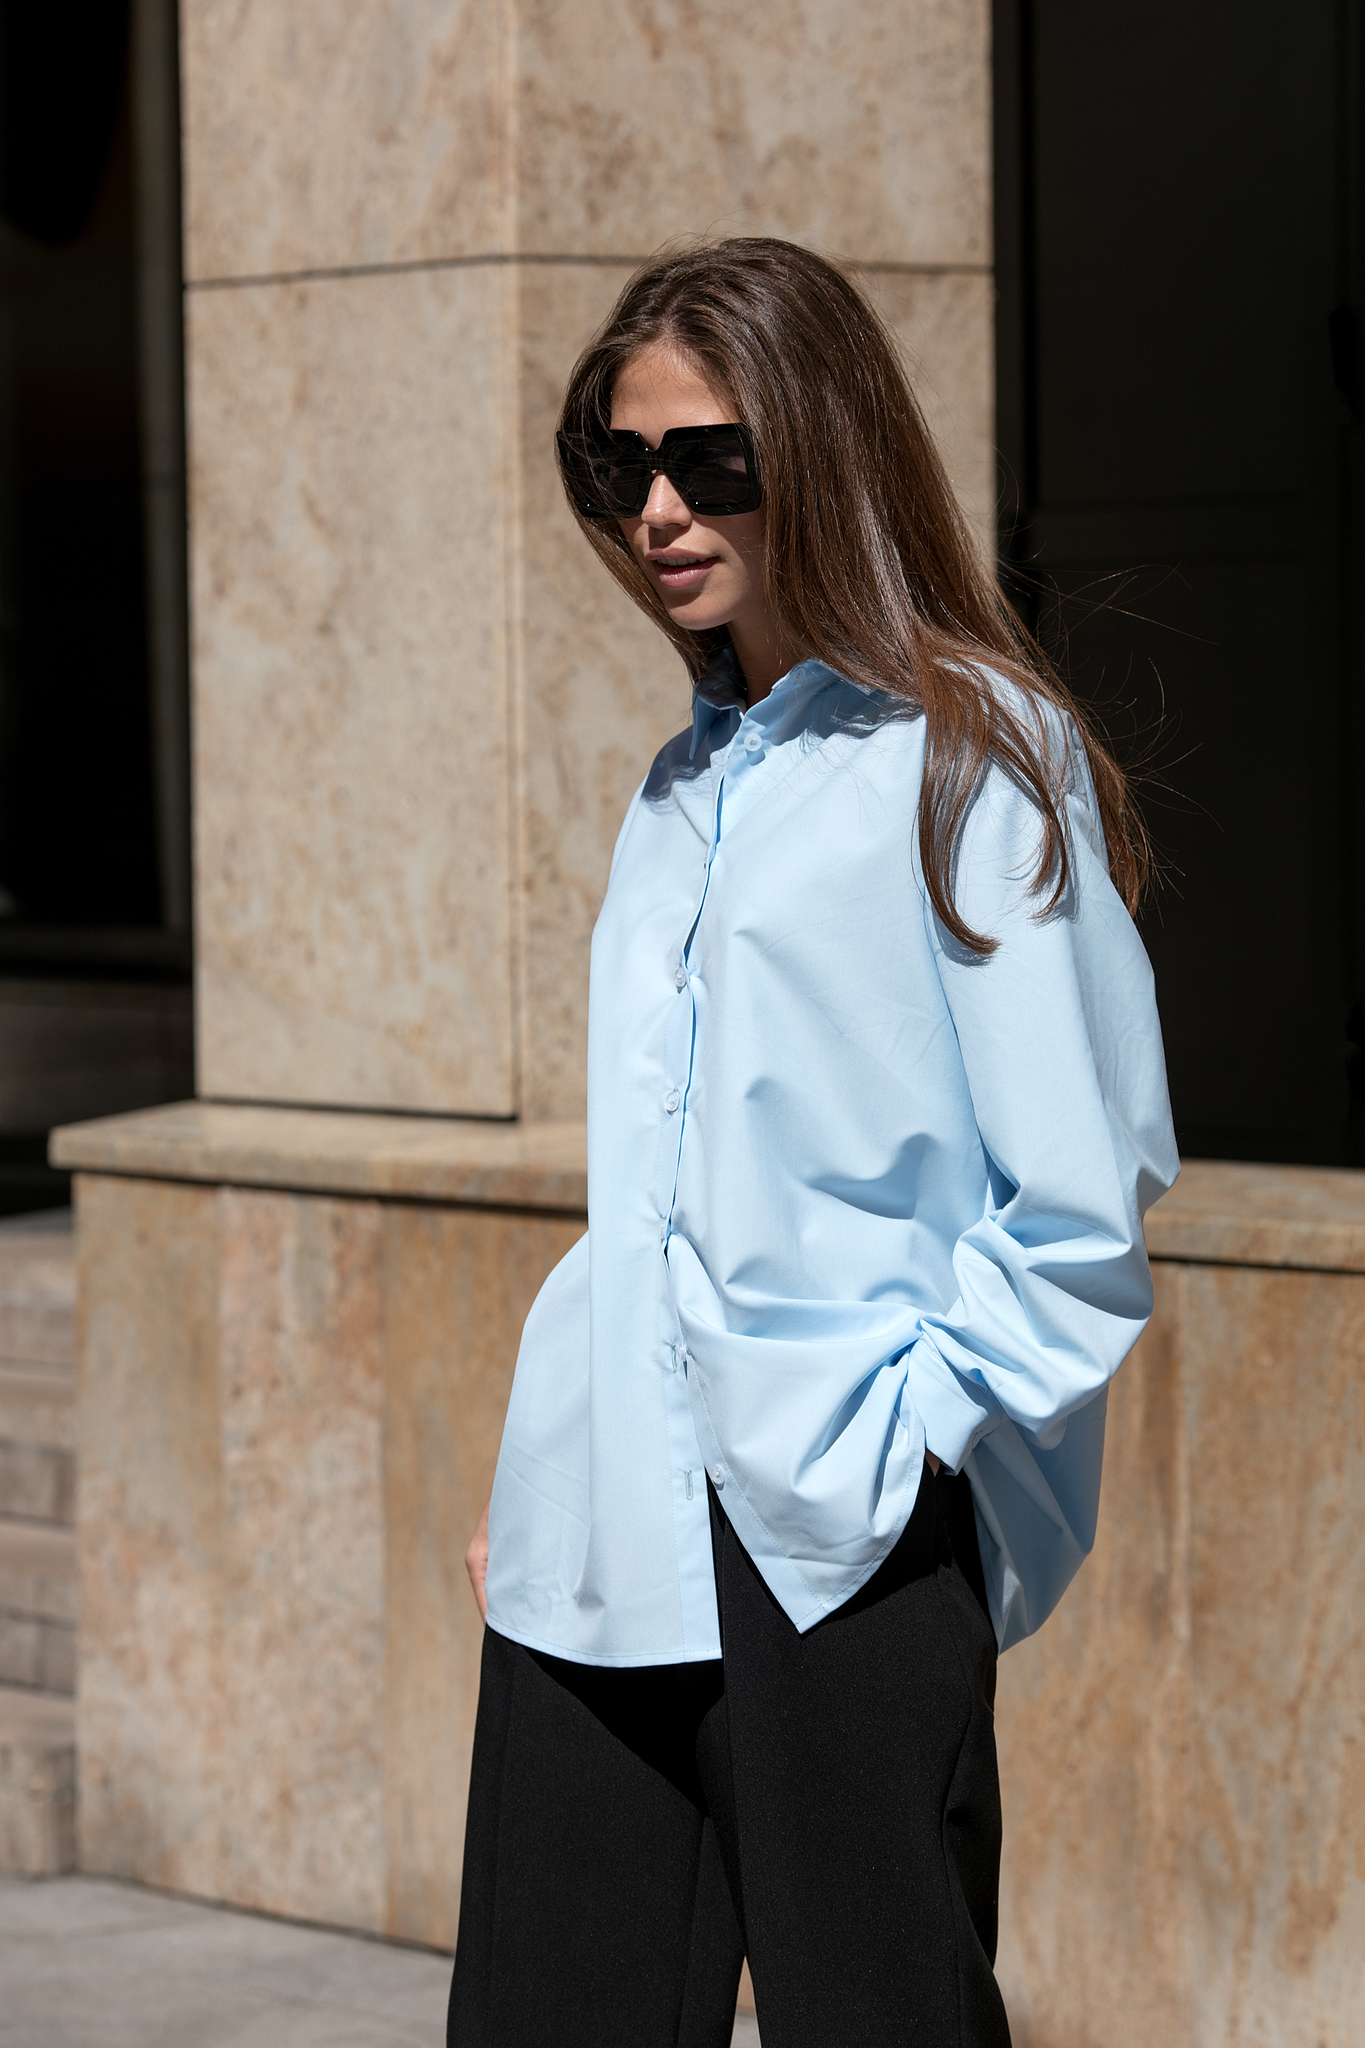 Рубашка из хлопка свободного кроя (one size) (голубой)